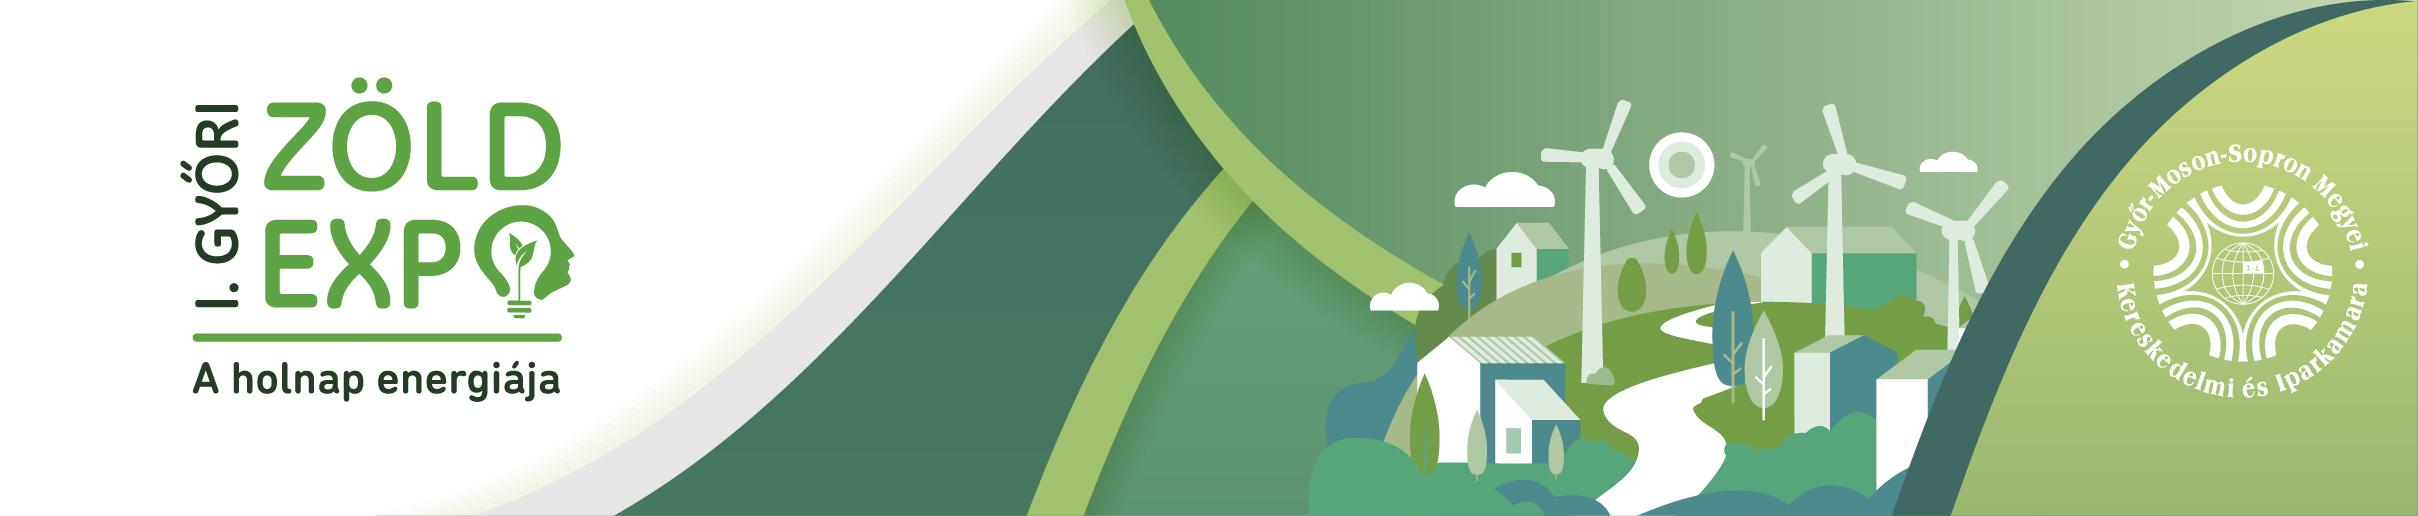 Első Győri Zöld Expo – Kiállítói információk